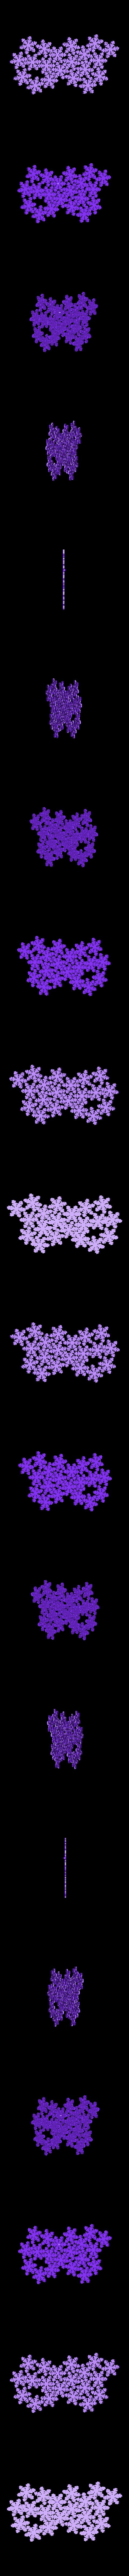 snowflake_all.stl Télécharger fichier STL gratuit Ornement de flocon de neige Icosahedron • Modèle imprimable en 3D, Ristrorg